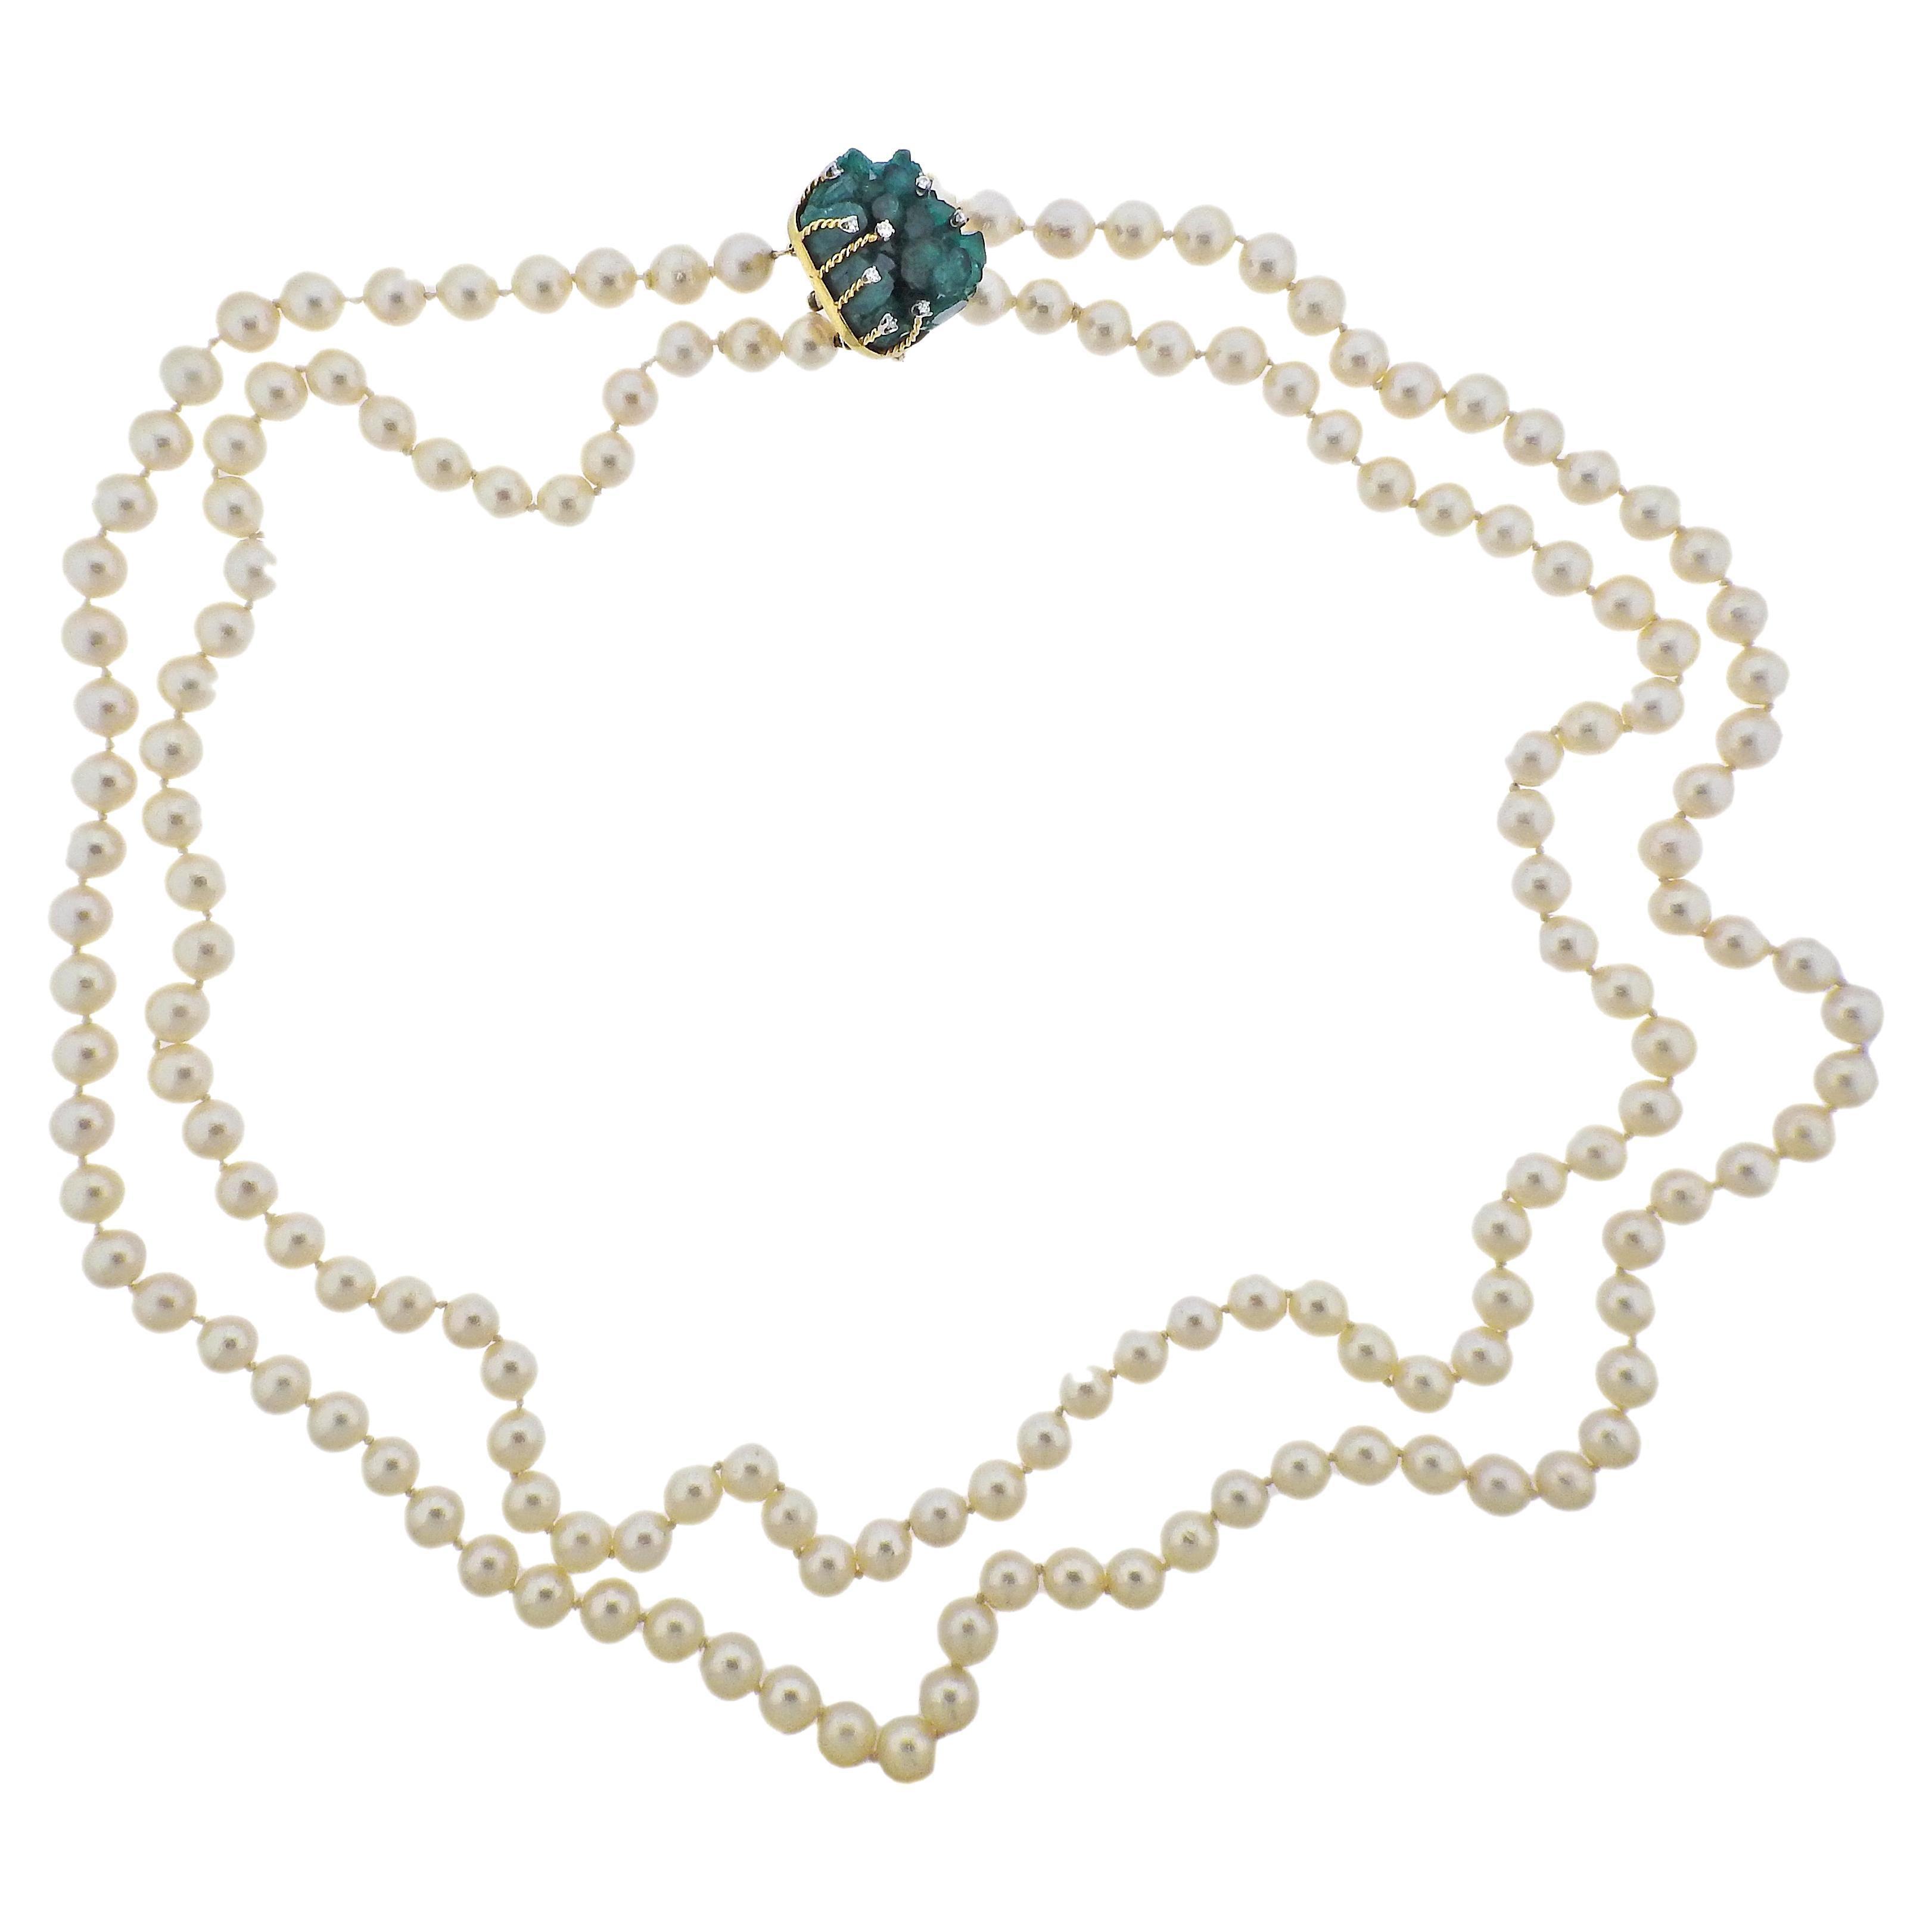 1970s Cellino Chatham Emerald Diamond Pearl Necklace